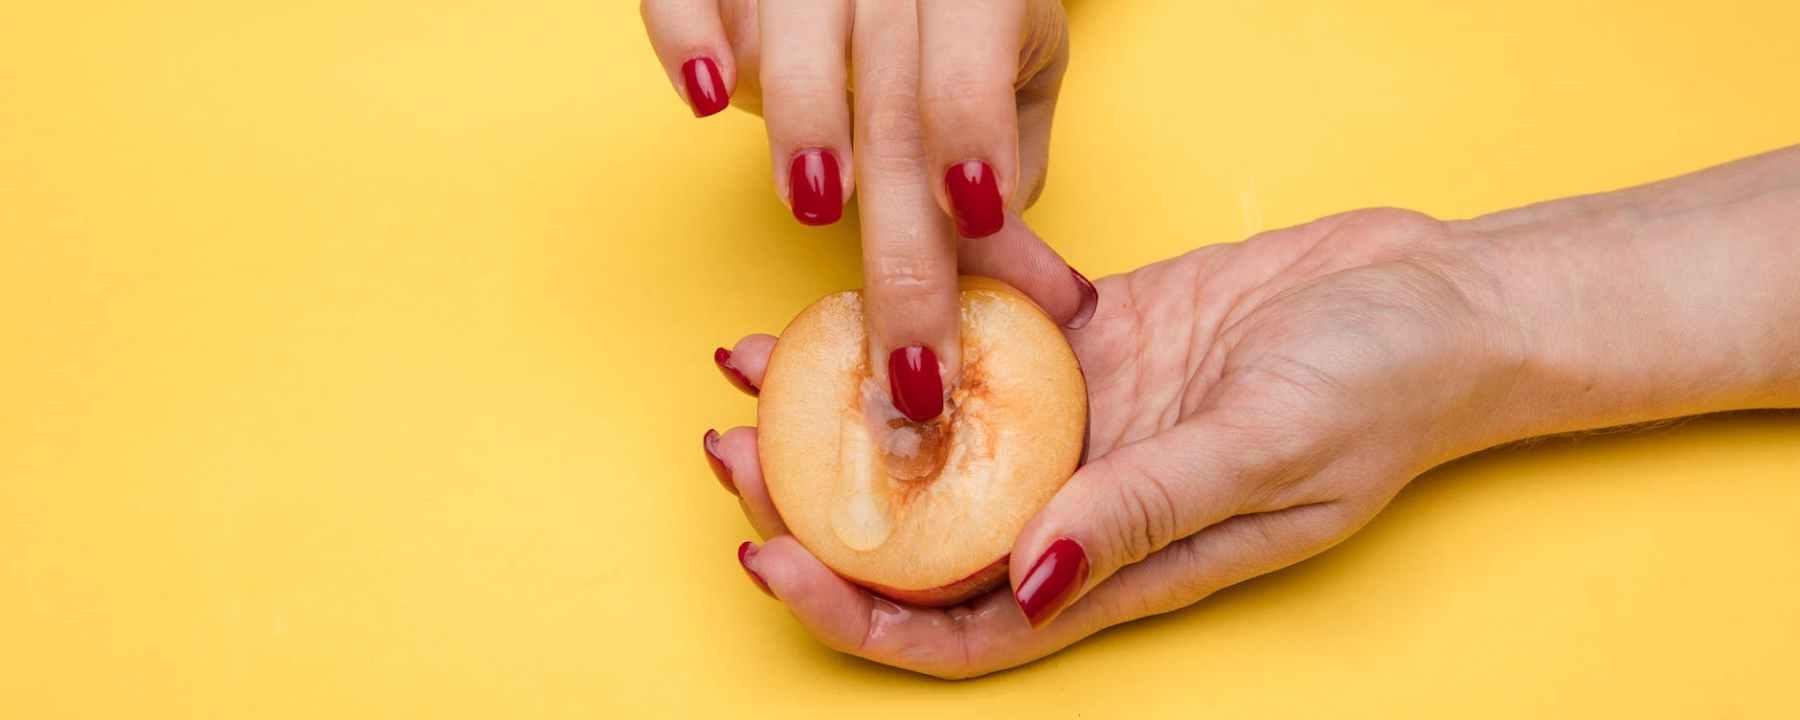 food healthy love people